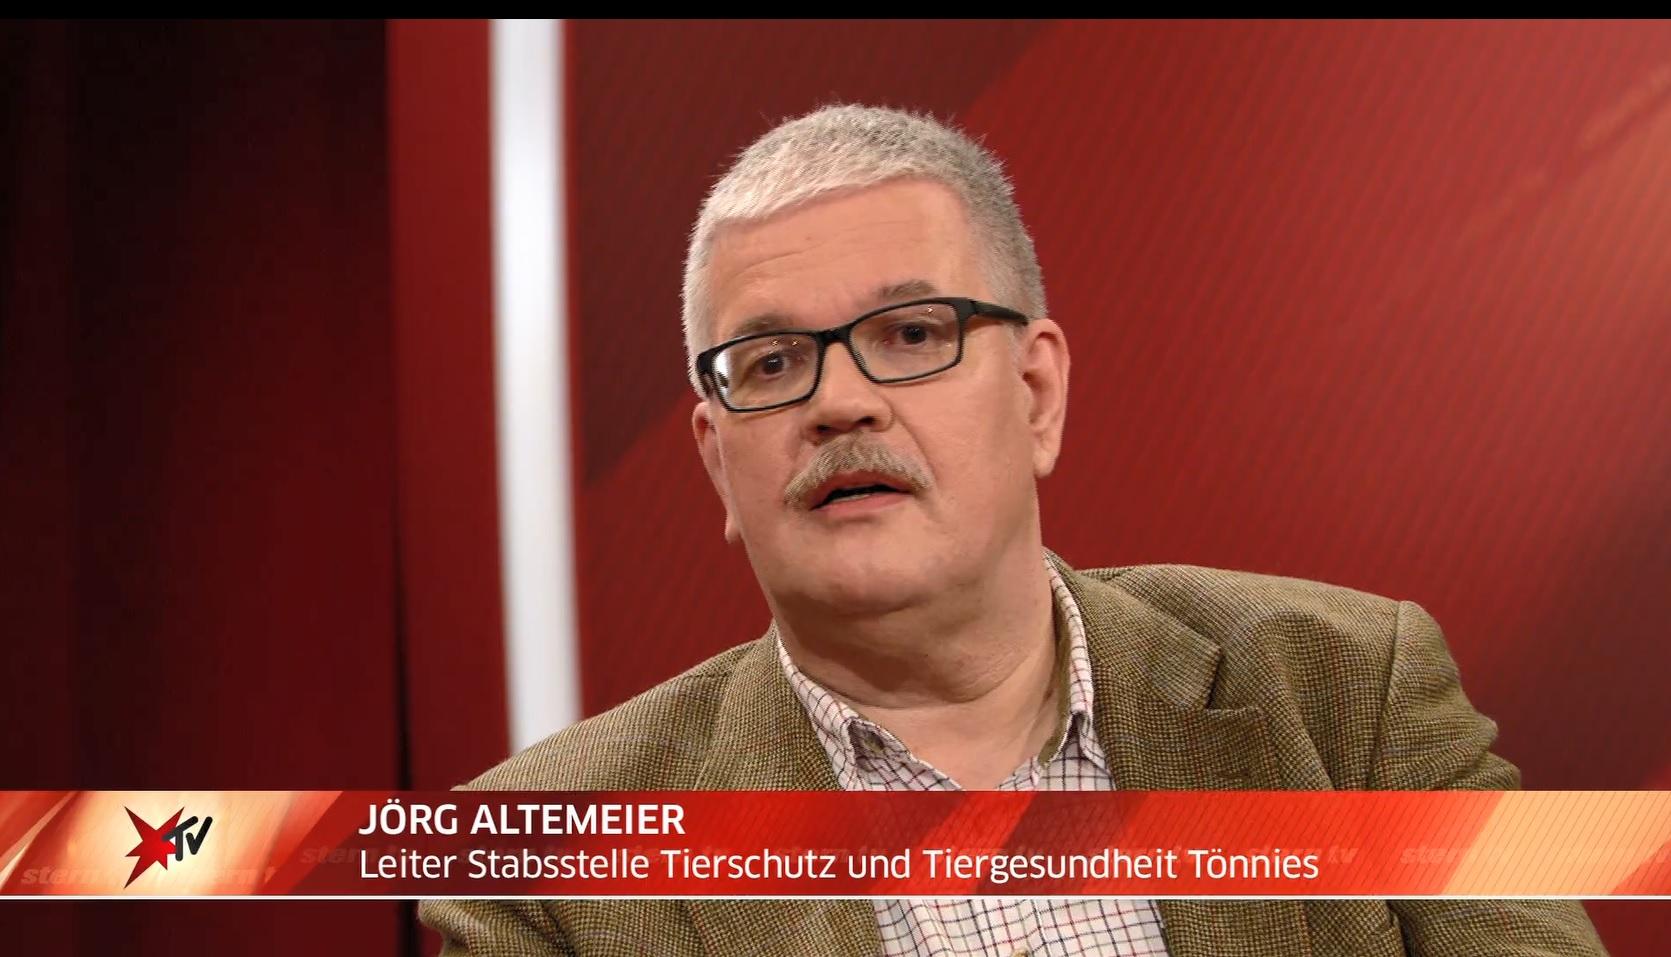 Tönnies-Tierarzt reagiert auf Vorwürfe des Deutschen Tierschutzbüros